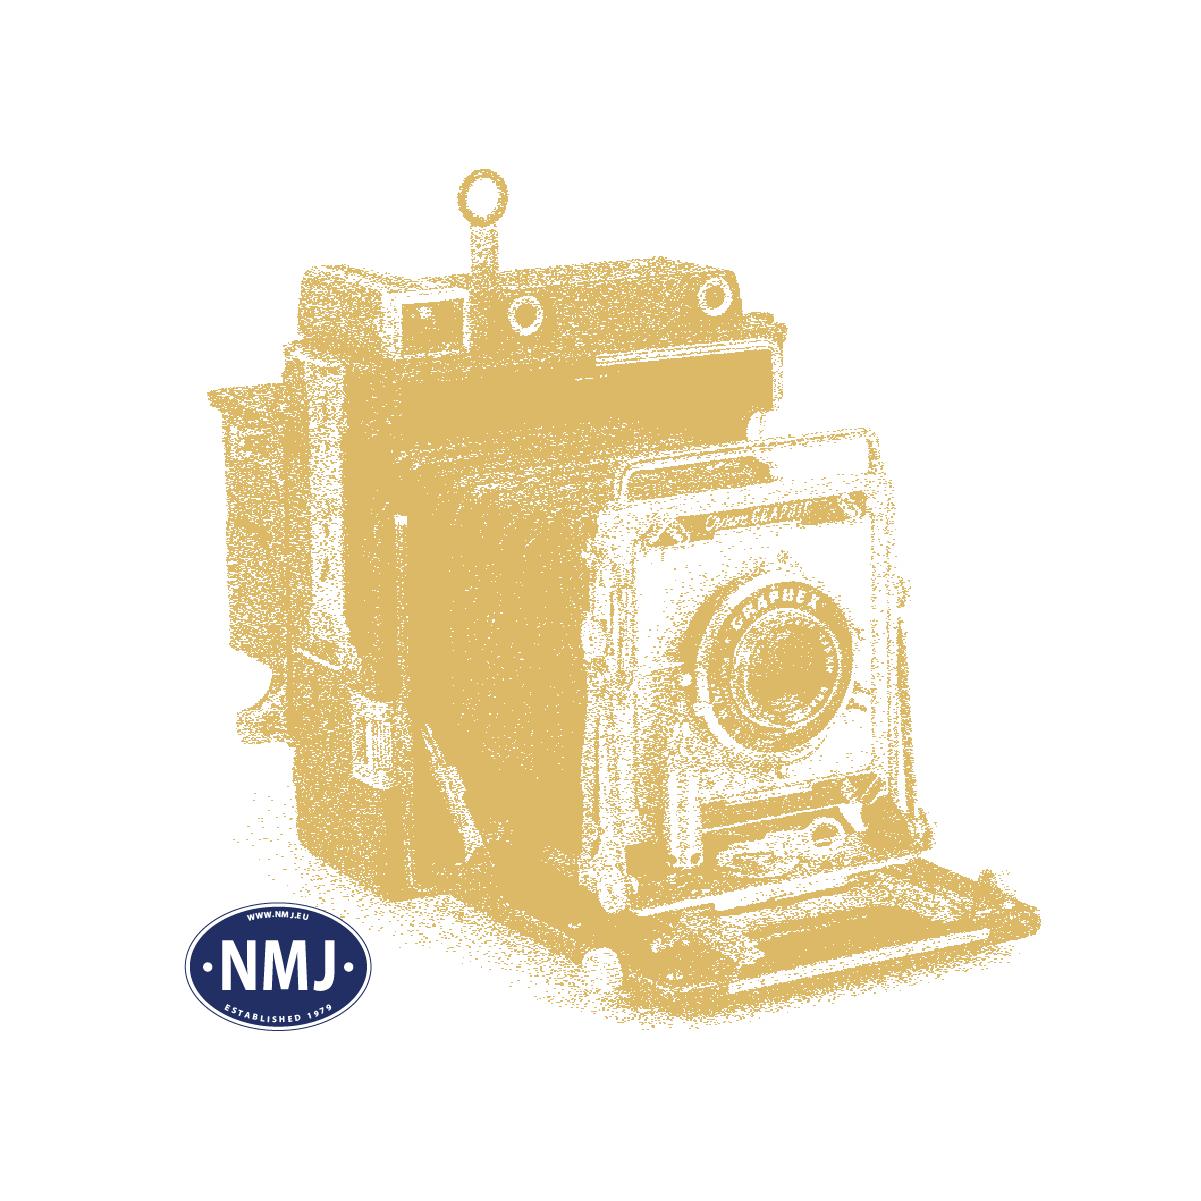 NMJ0.21508 - NMJ Superline NSB BF10.21508, 0-Skala